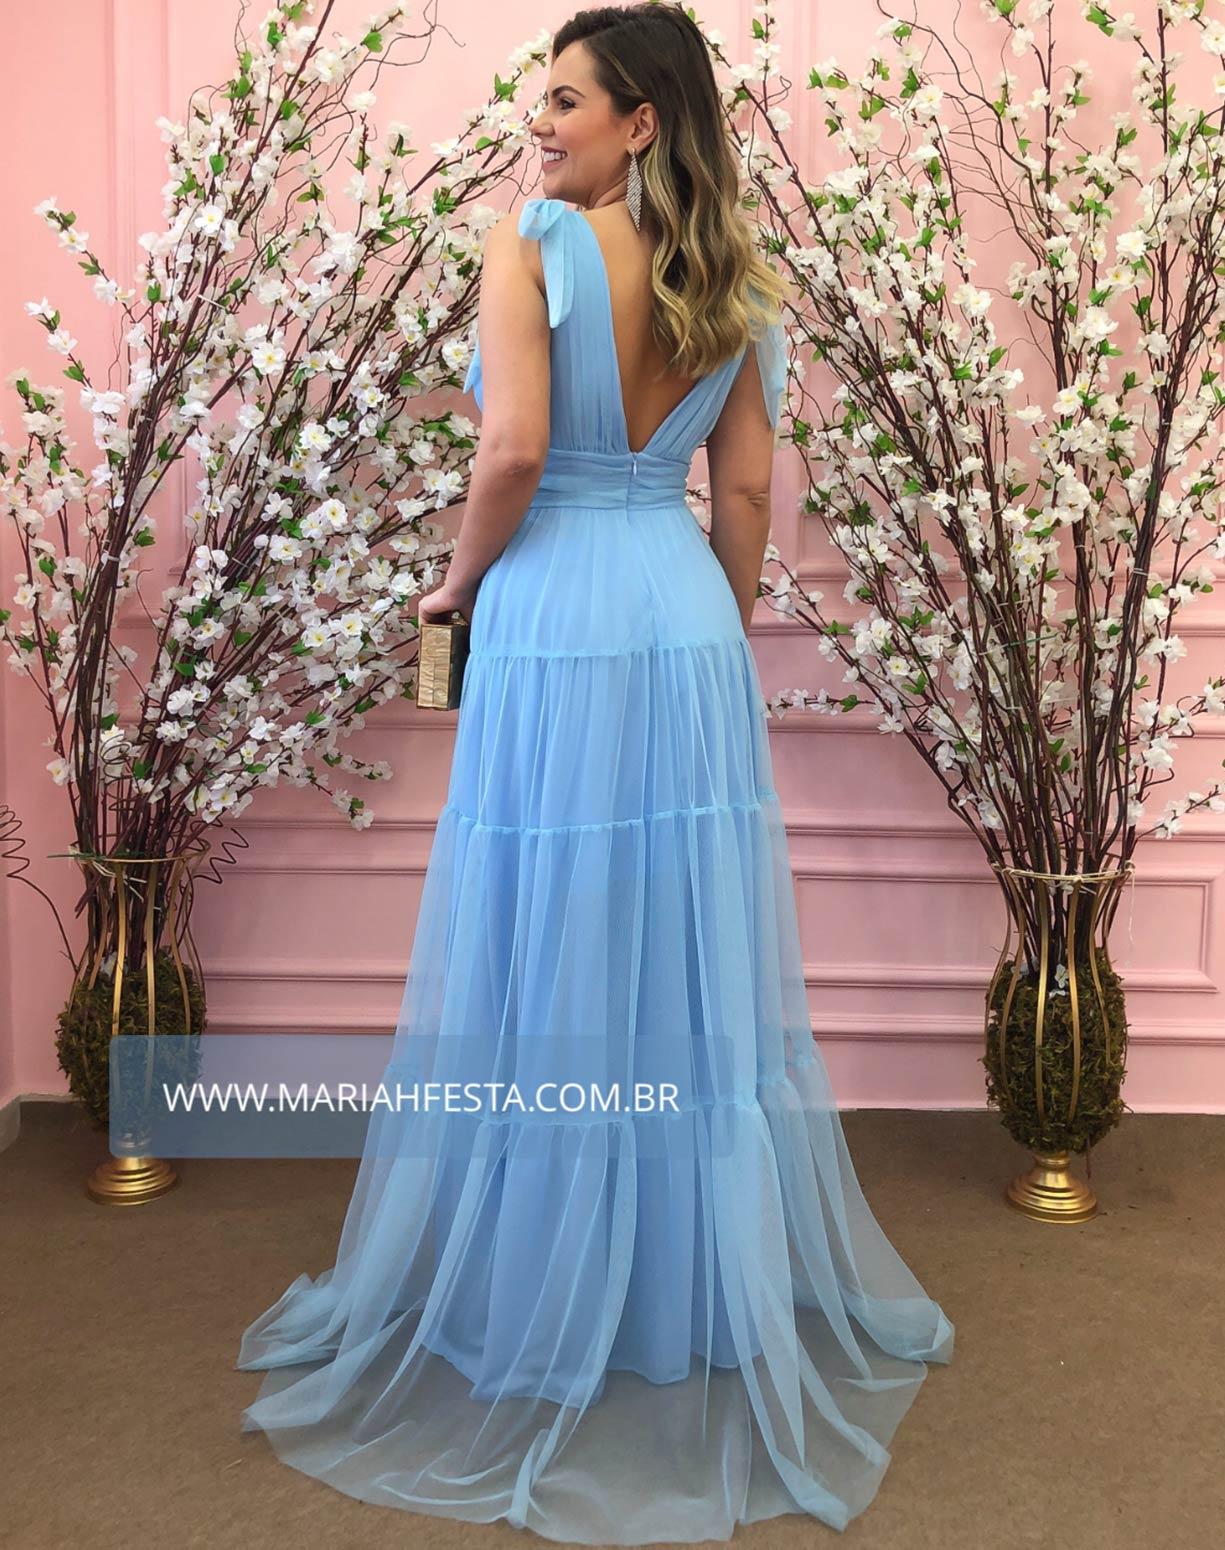 Vestido Azul Serenity em Tule com Alças de Amarrar